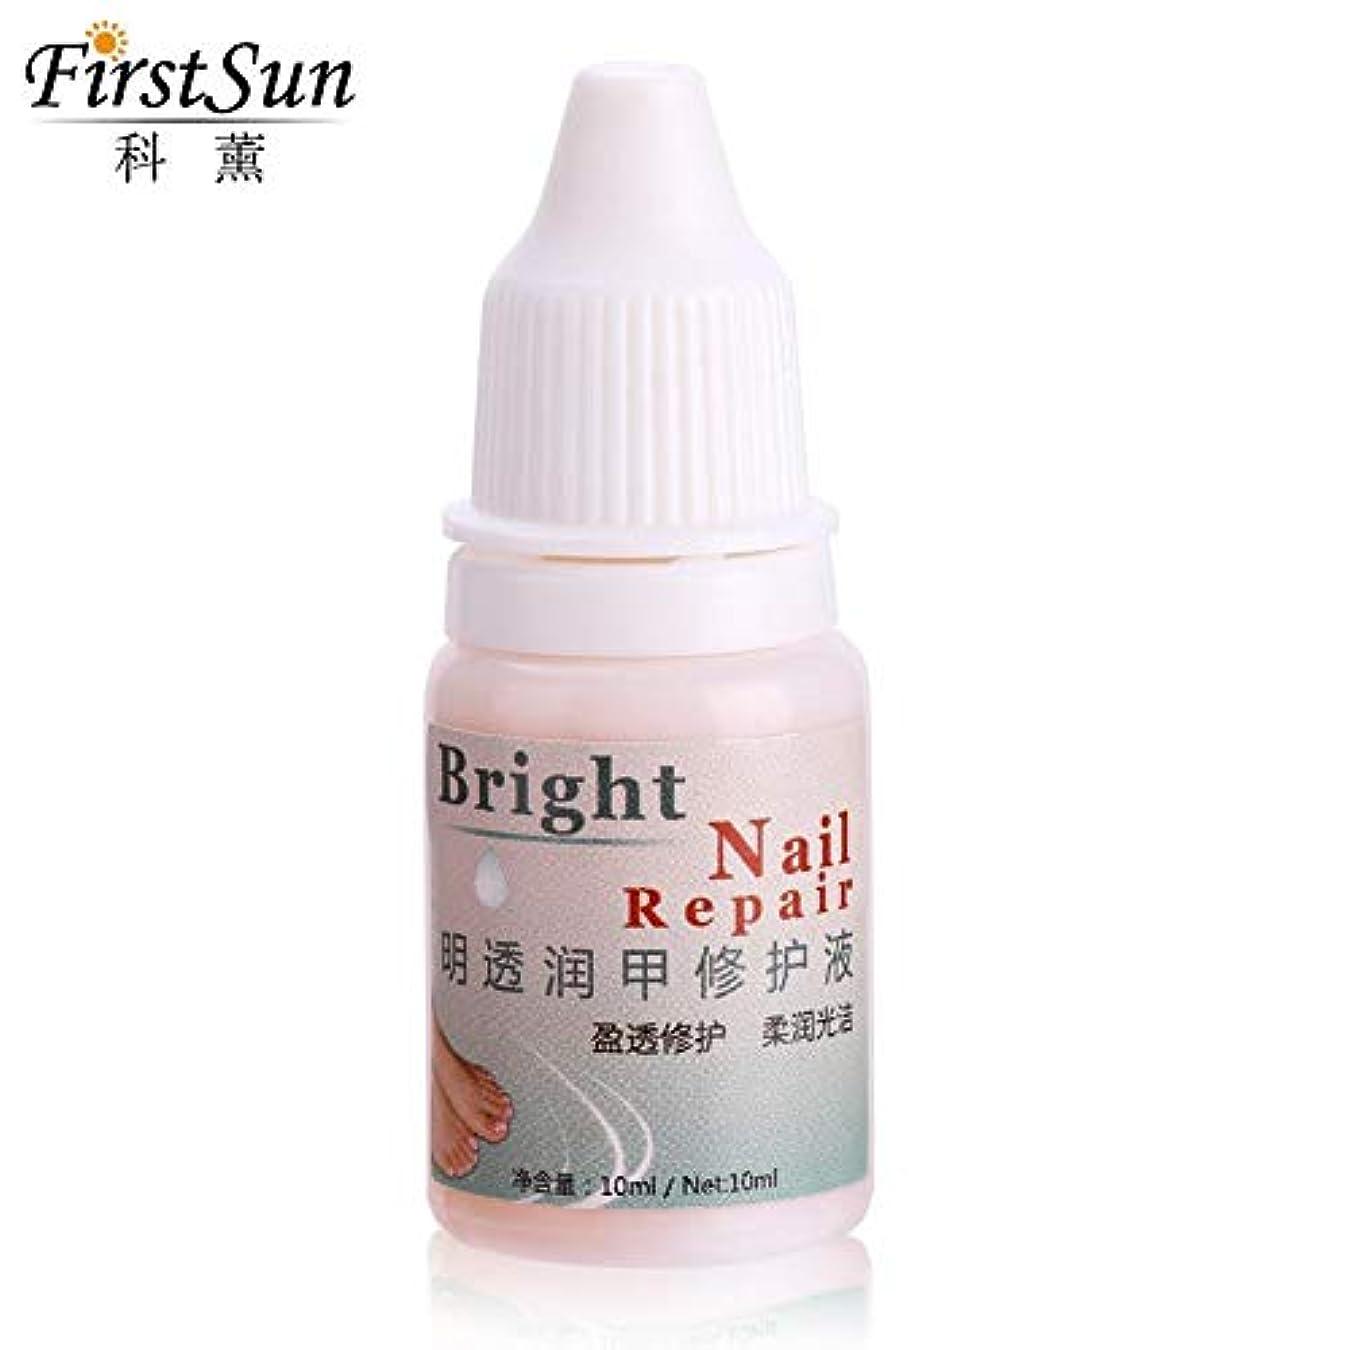 マーケティング罹患率不変ネイルケア液、変色した脆い割れた爪のための爪看護液、輝く足指の爪と指の爪のソリューション10mlを復元